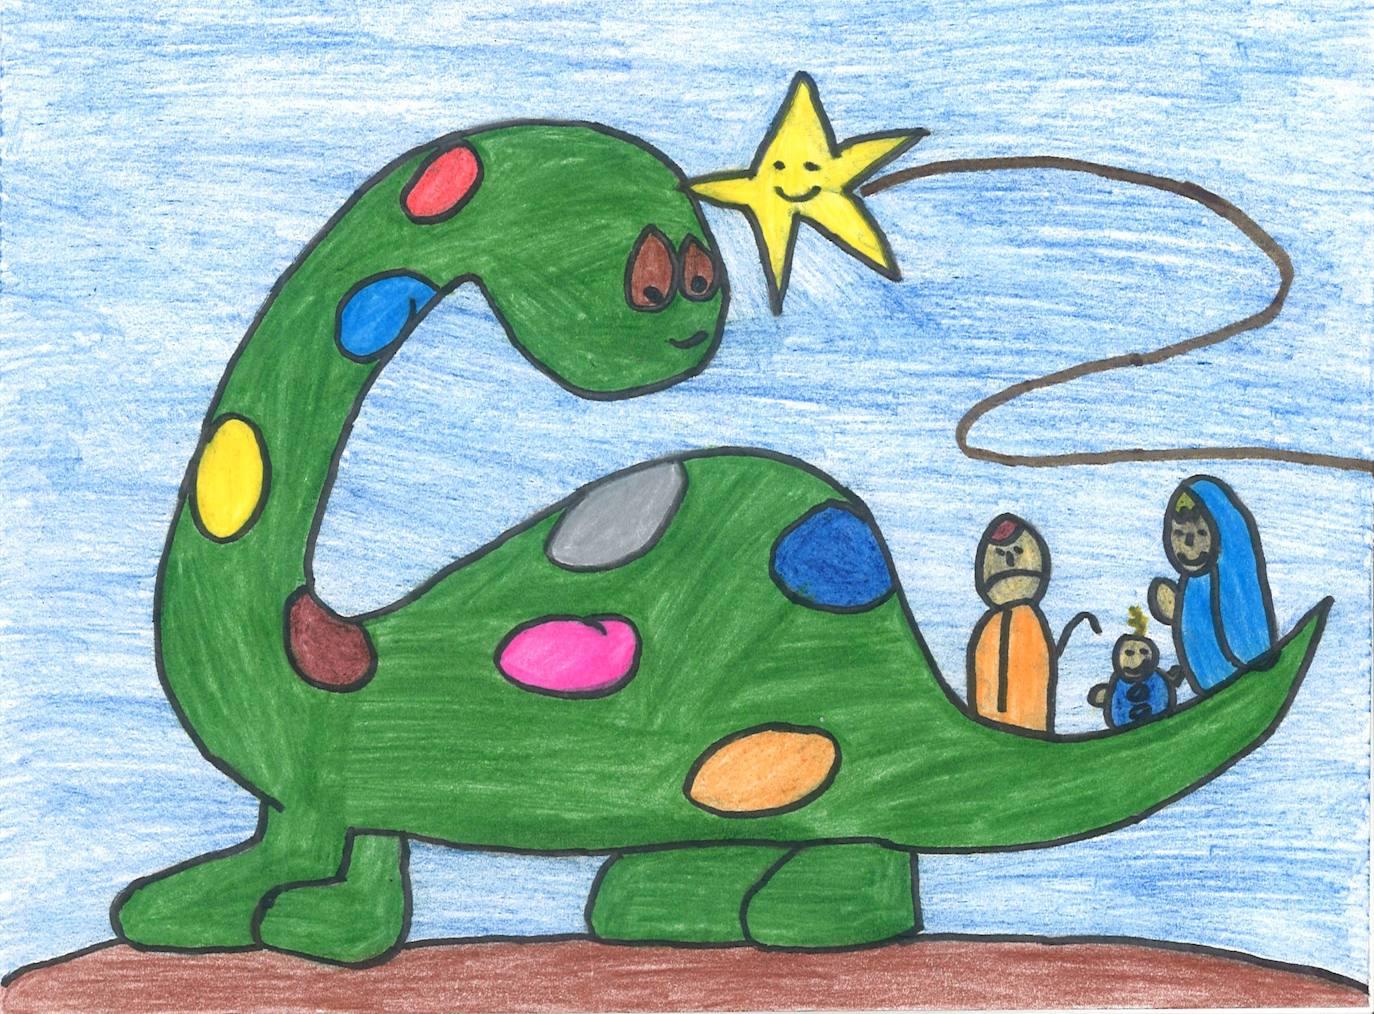 Los Dinosaurios Y La Navidad Vuelven A Unir Talento En El Concurso De Tarjetas Navidenas Burgosconecta El mundo de los dinosaurios explicado para niños con imágenes y video. los dinosaurios y la navidad vuelven a